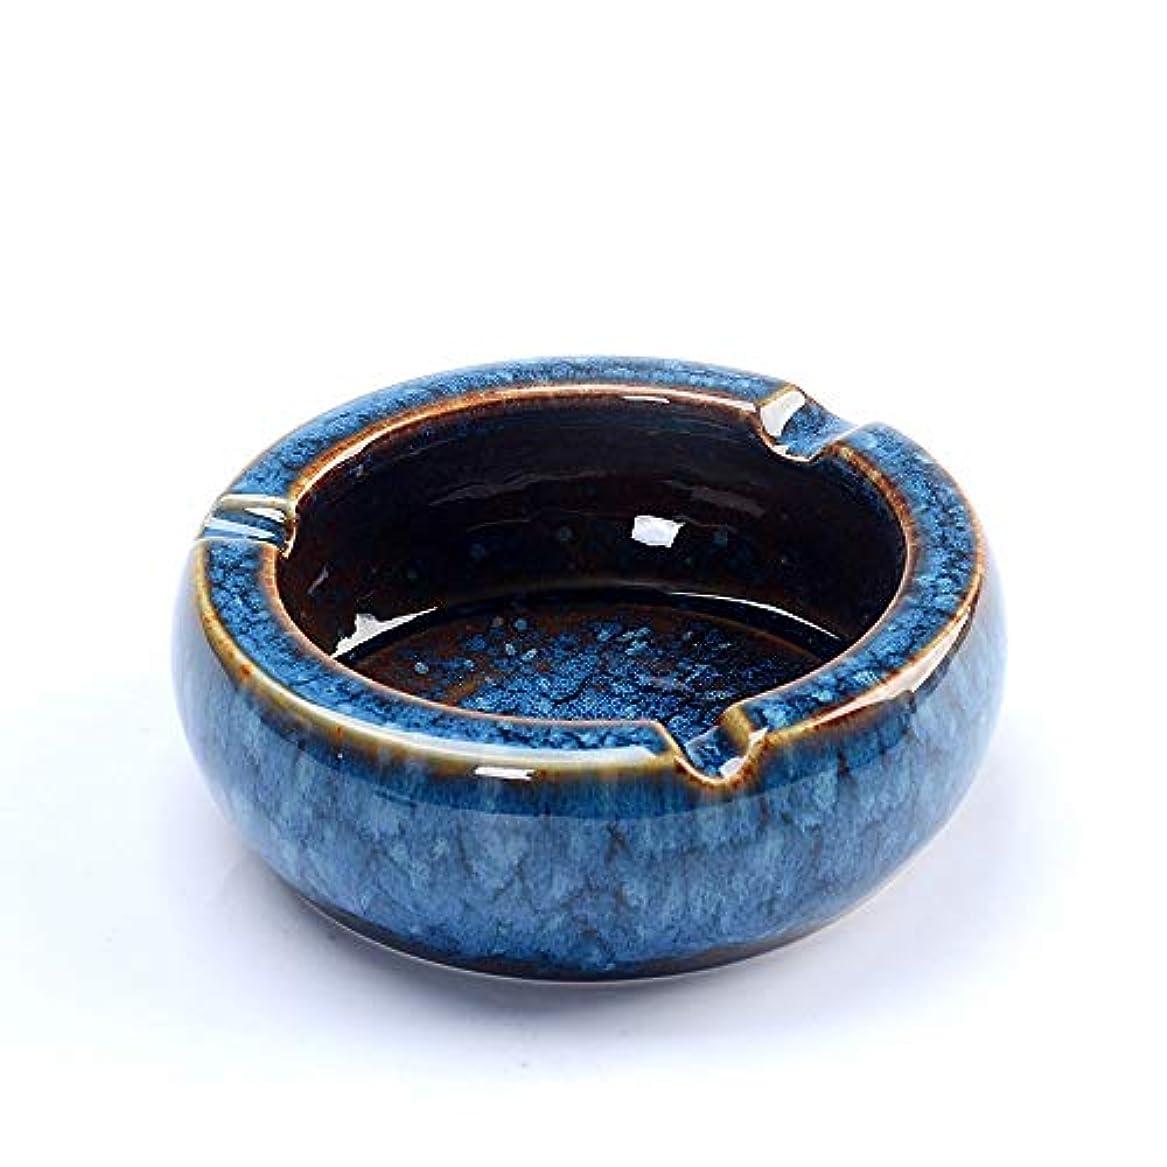 陪審明らか取るに足らないタバコ、ギフトおよび総本店の装飾のための灰皿円形の光沢のあるセラミック灰皿 (色 : 青)